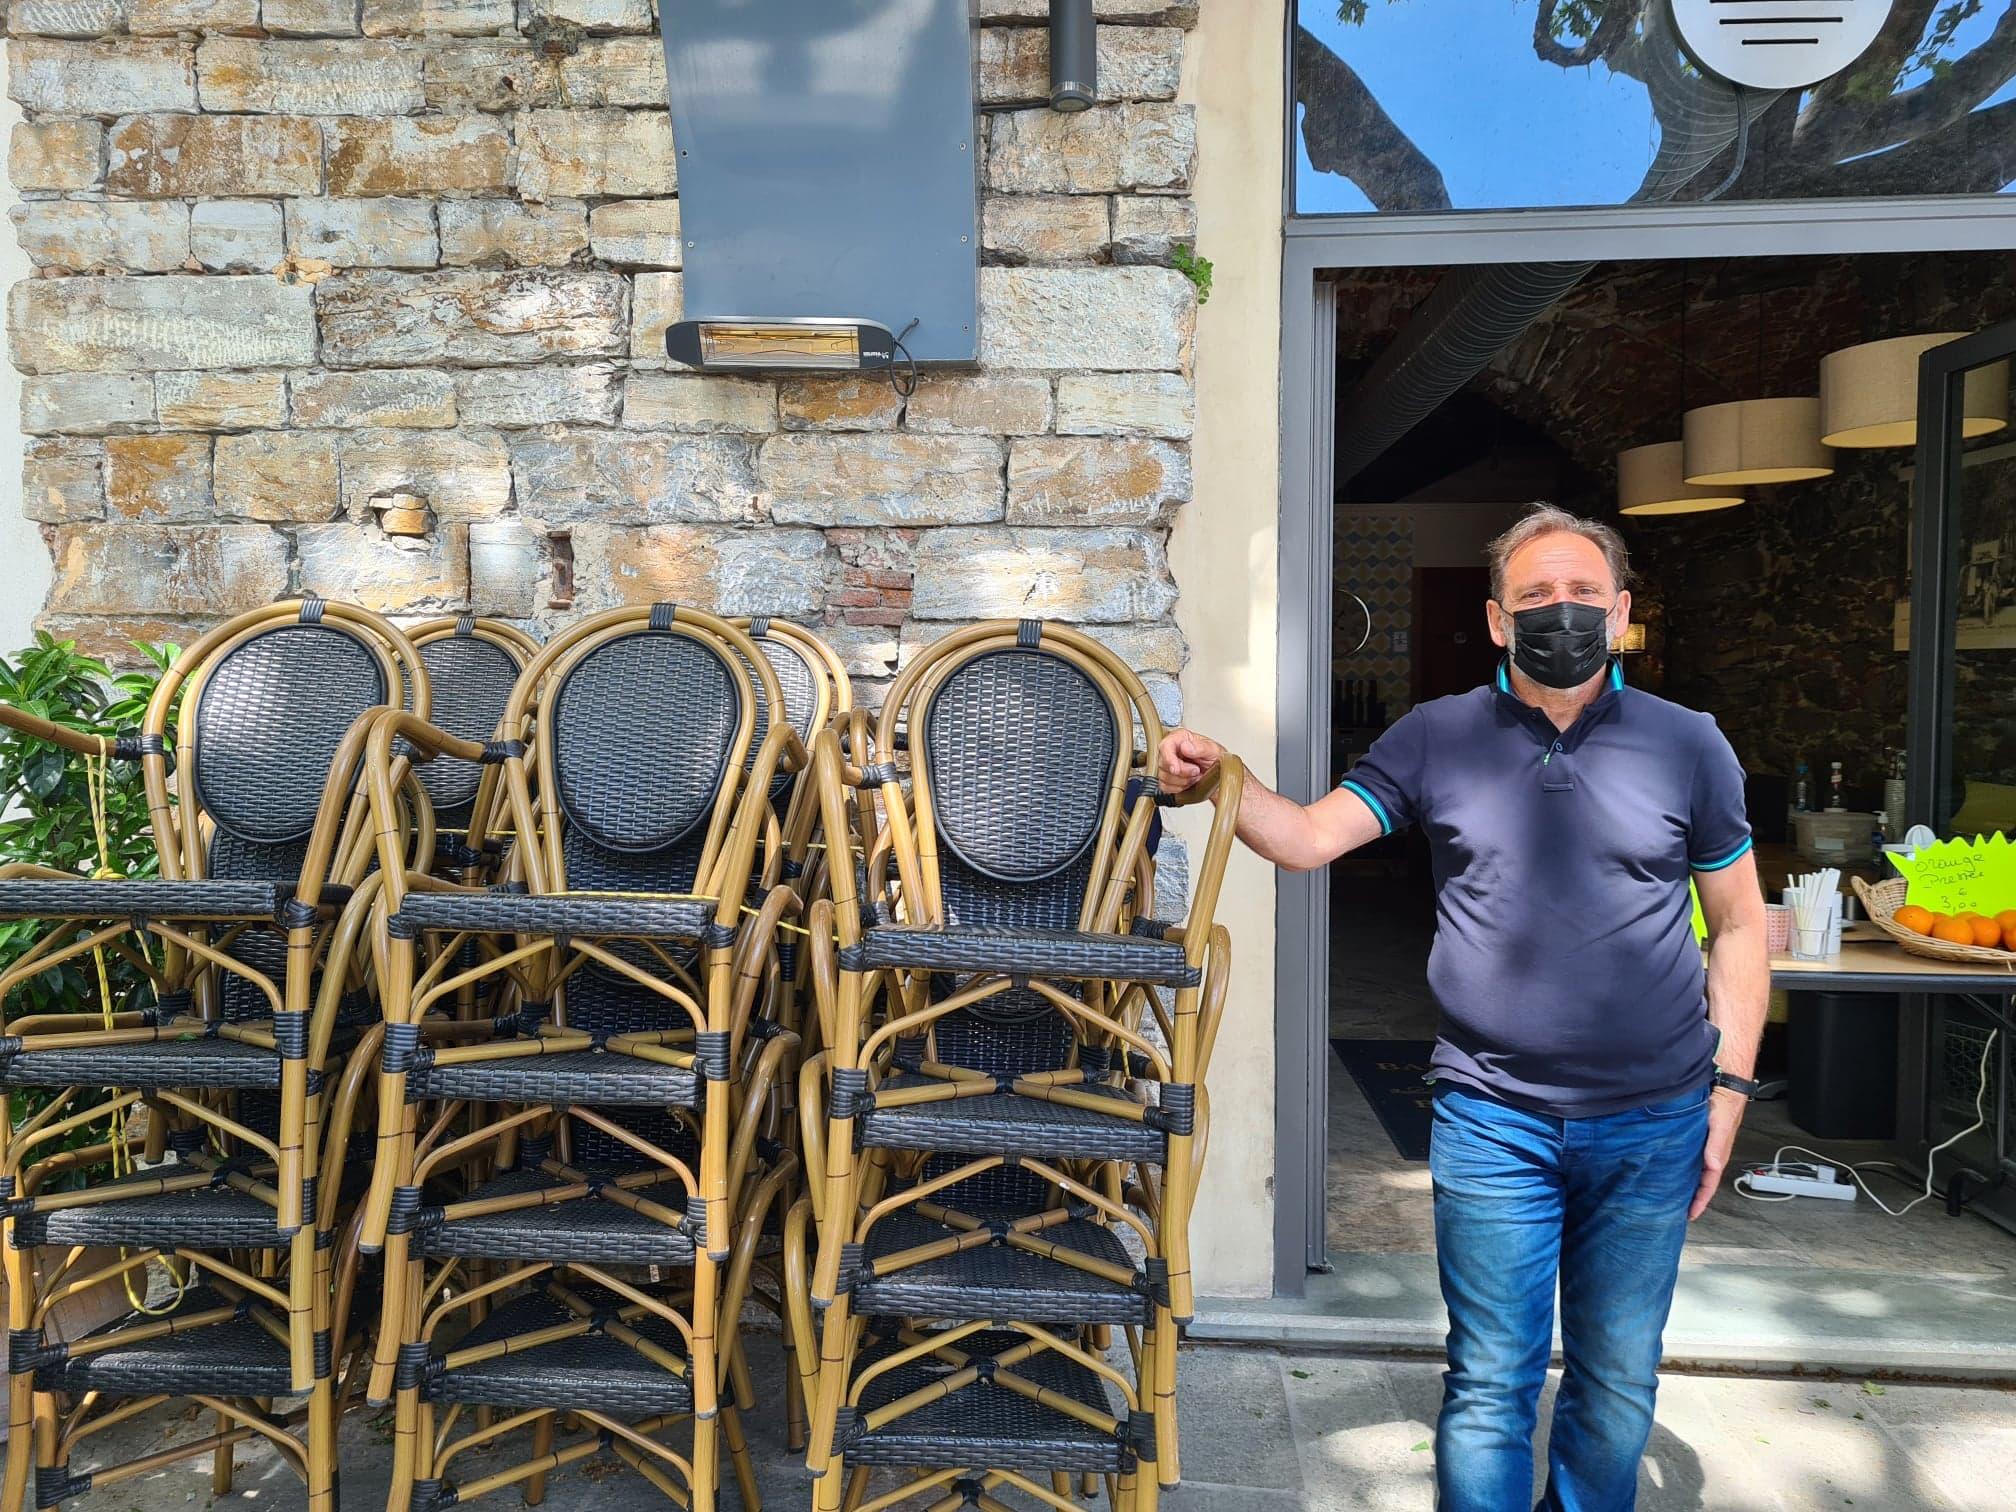 Chaises et tables empilées ne devraient être qu'un mauvais souvenir dès le 19 mai pour Jean-Claude Remitti. Crédits Photo: Pierre-Manuel Pescetti